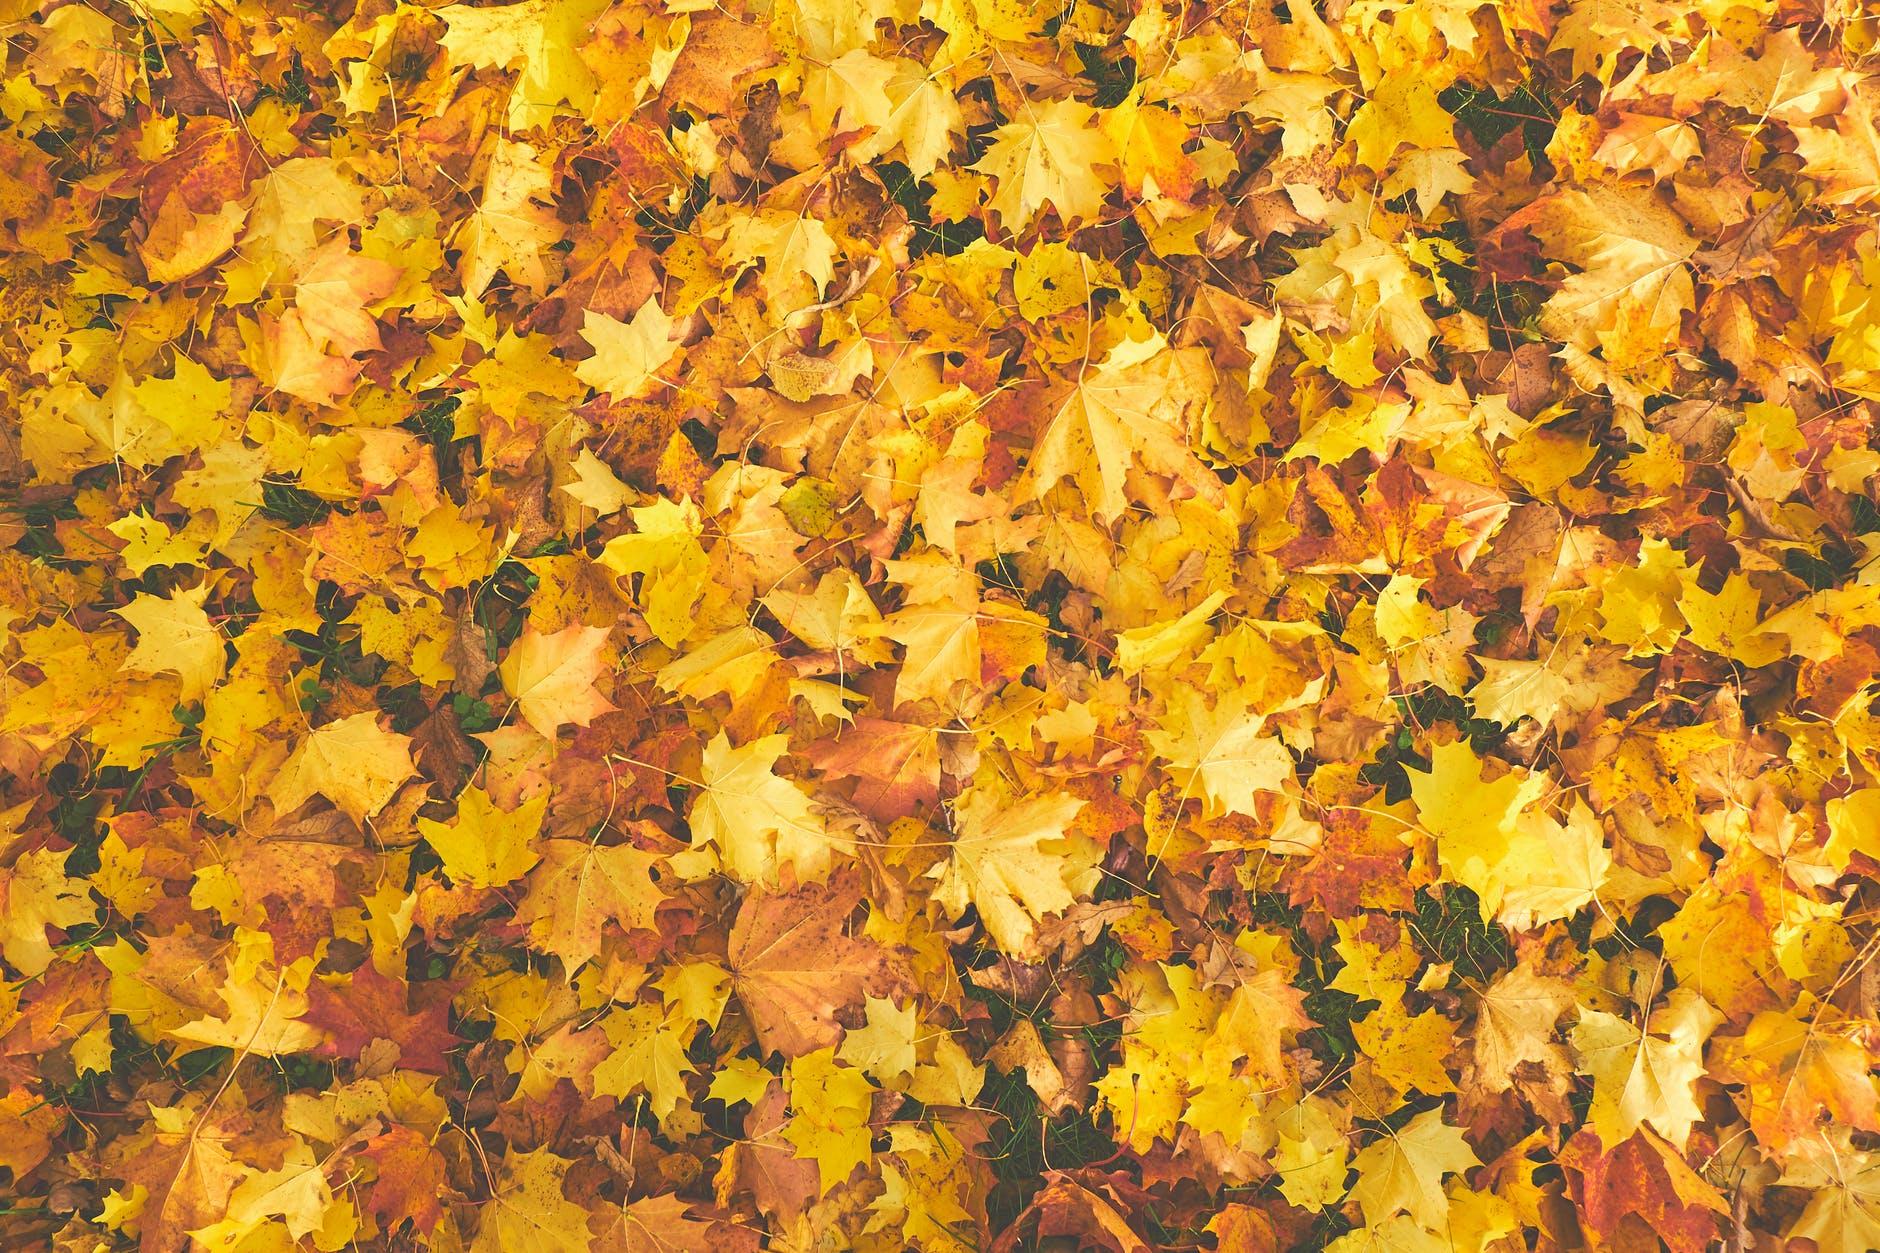 foglie-gialle-arancio-autunno